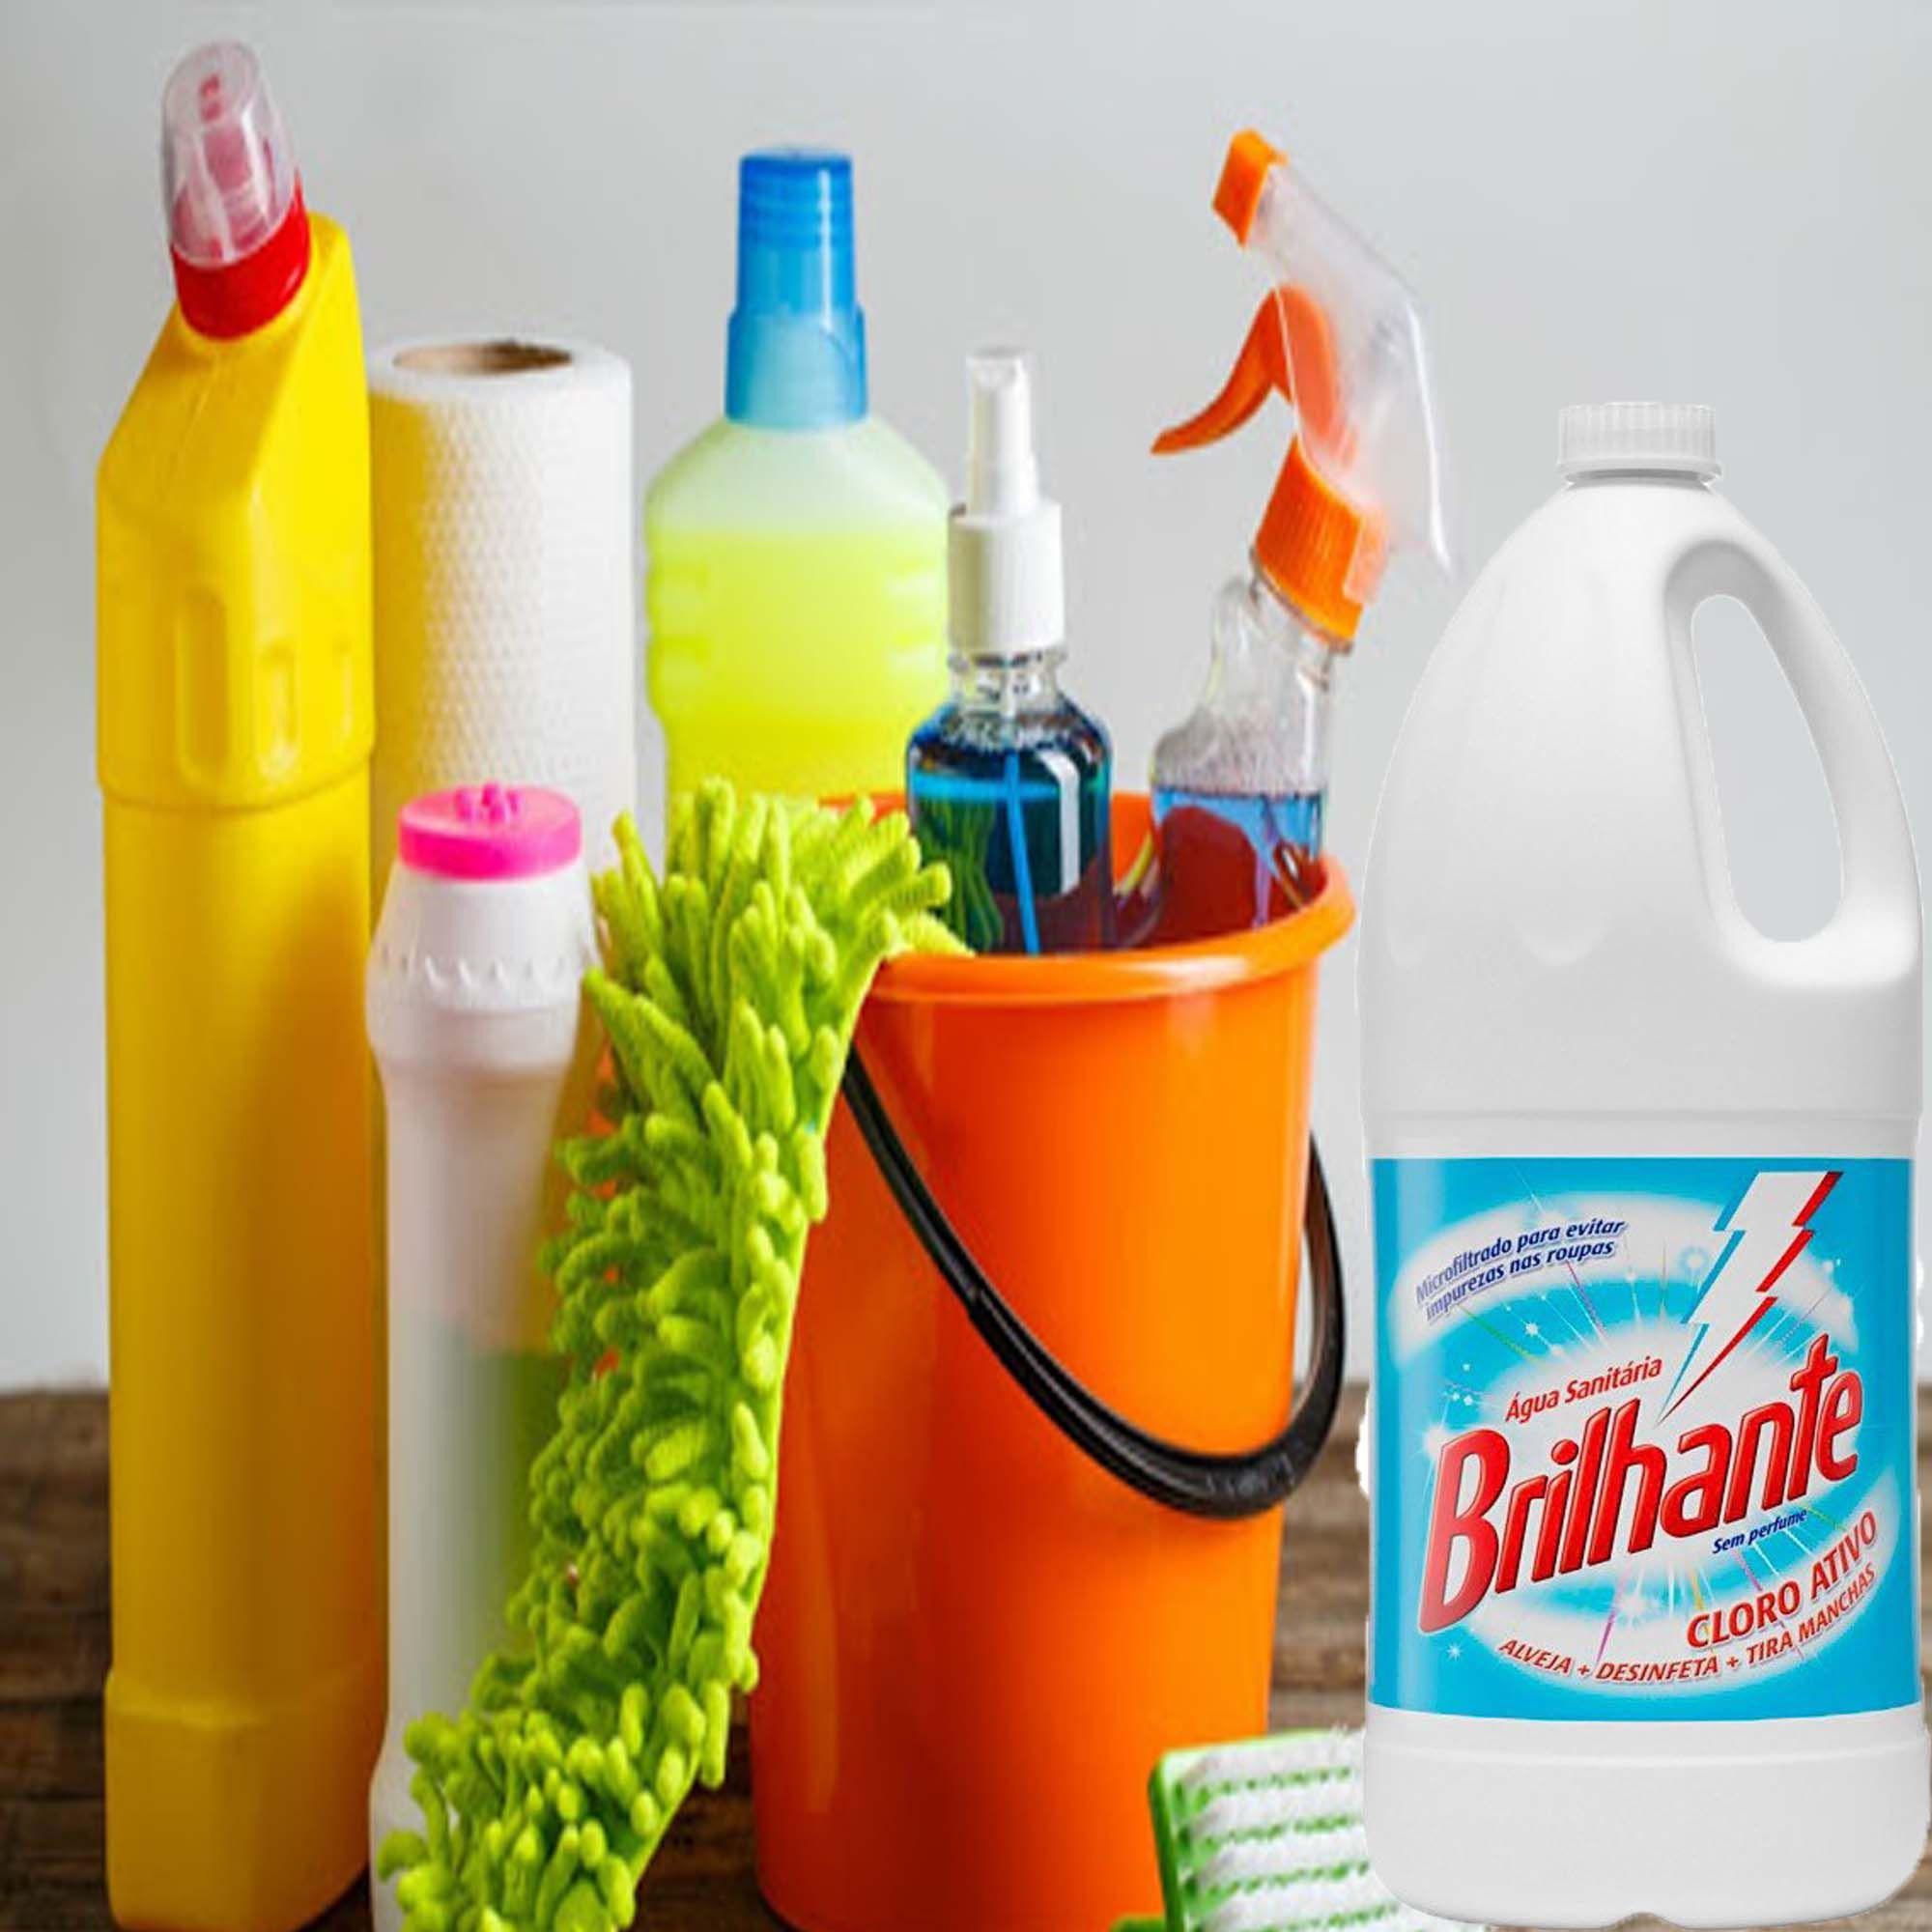 Água Sanitária Cloro Ativo 2 Litros  Alvejante Desinfetante Bactericida Tira Manchas Sem Perfume Multiuso Higienização Limpeza Com Alça Brilhante